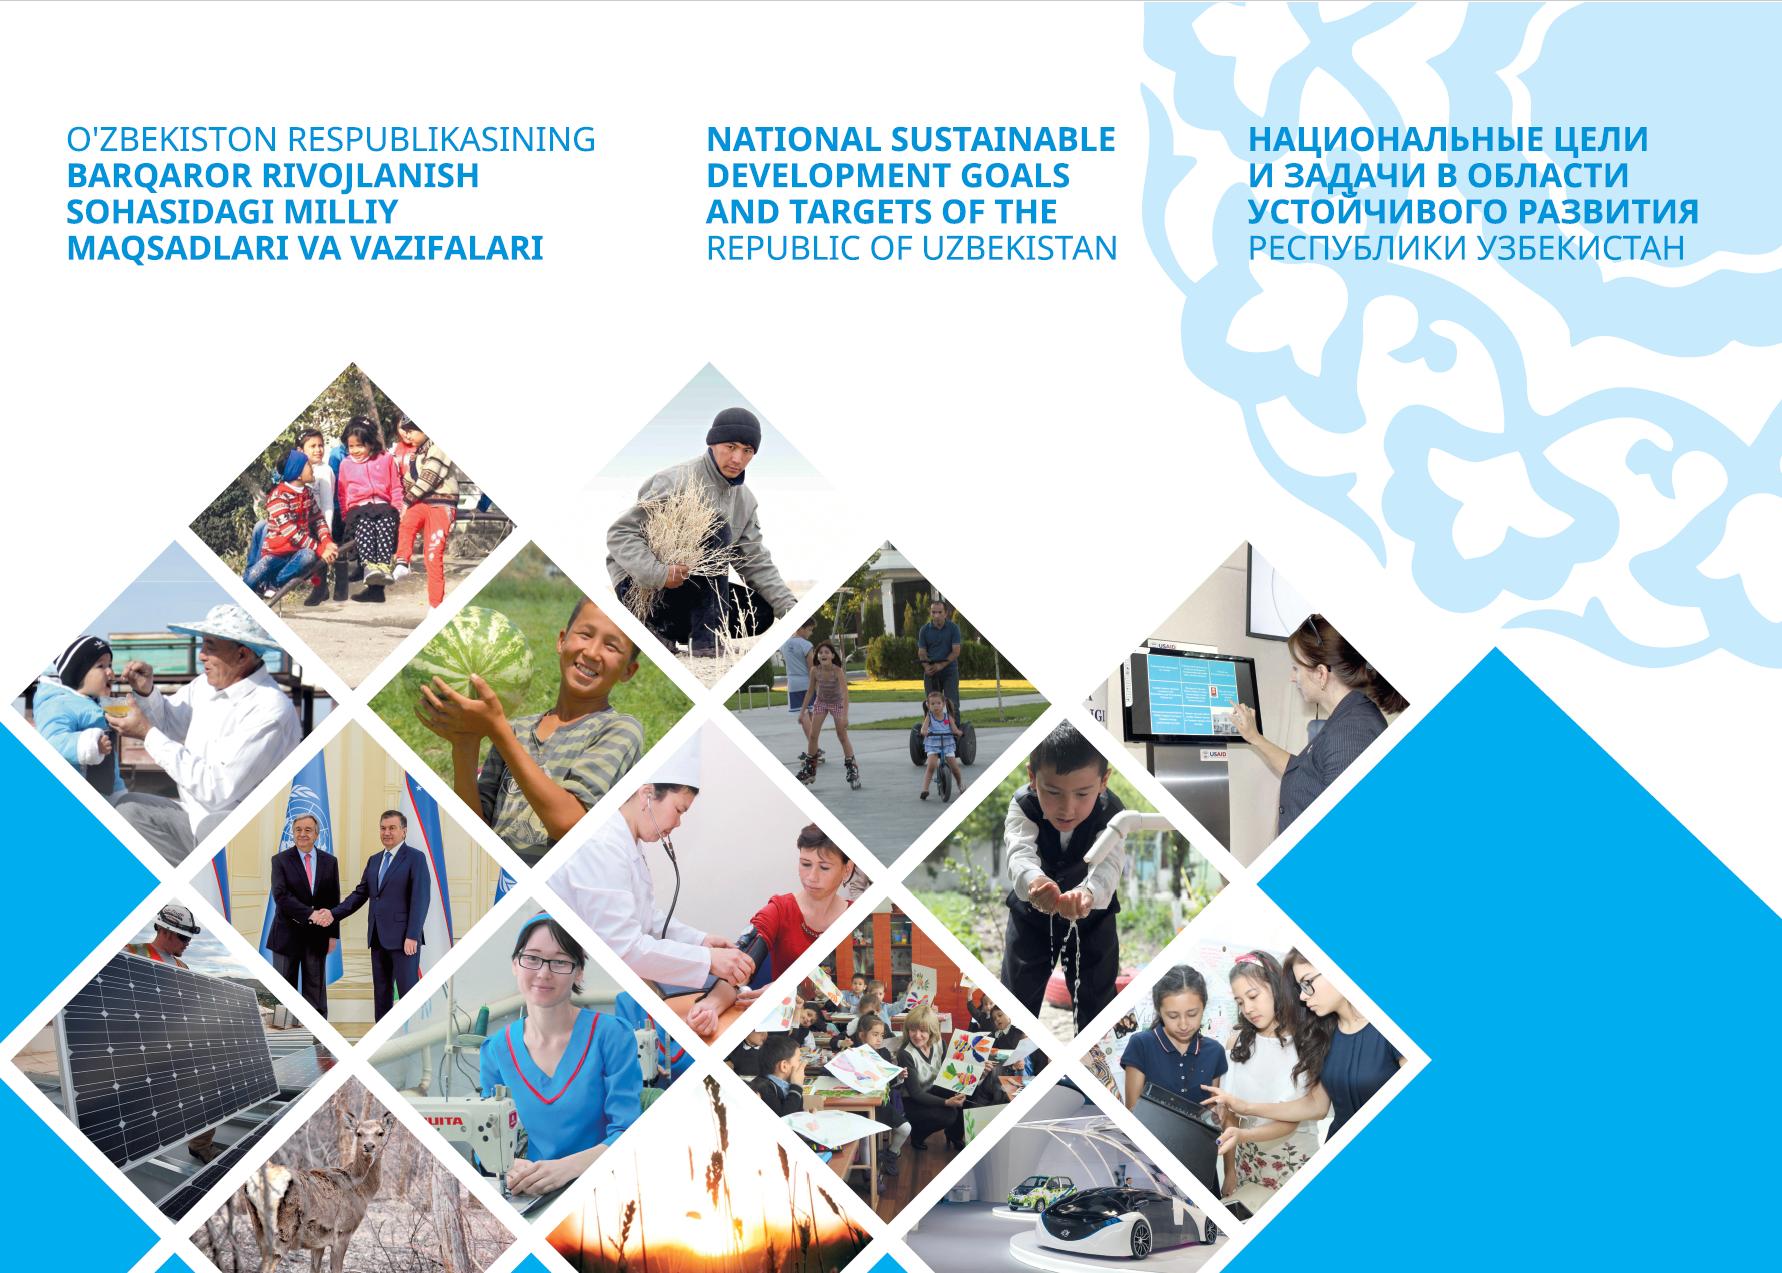 Национальные Цели и Задачи в Области Устойчивого Развития Республики Узбекистан